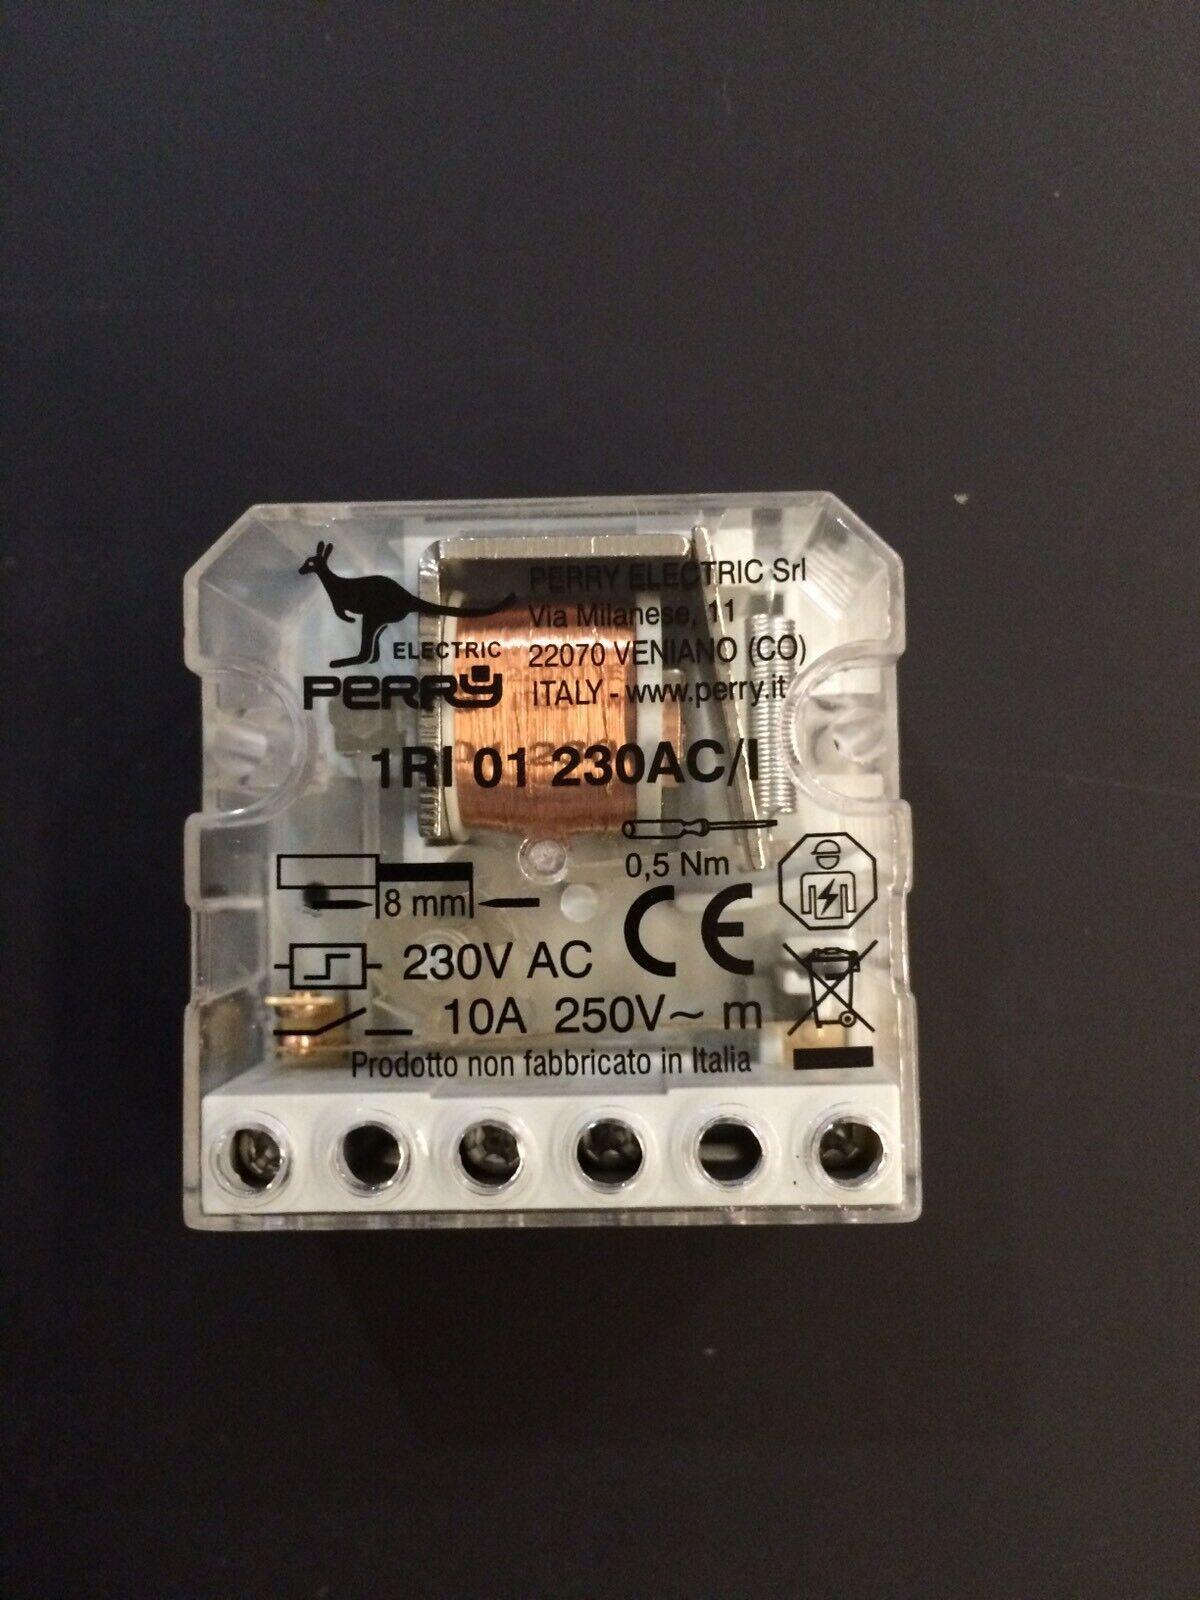 Perry-ELECTRIC-Rele-impulsi-elettromeccanico-230V-1RI01230AC-I-TIPO-FINDER-2601-141549274210